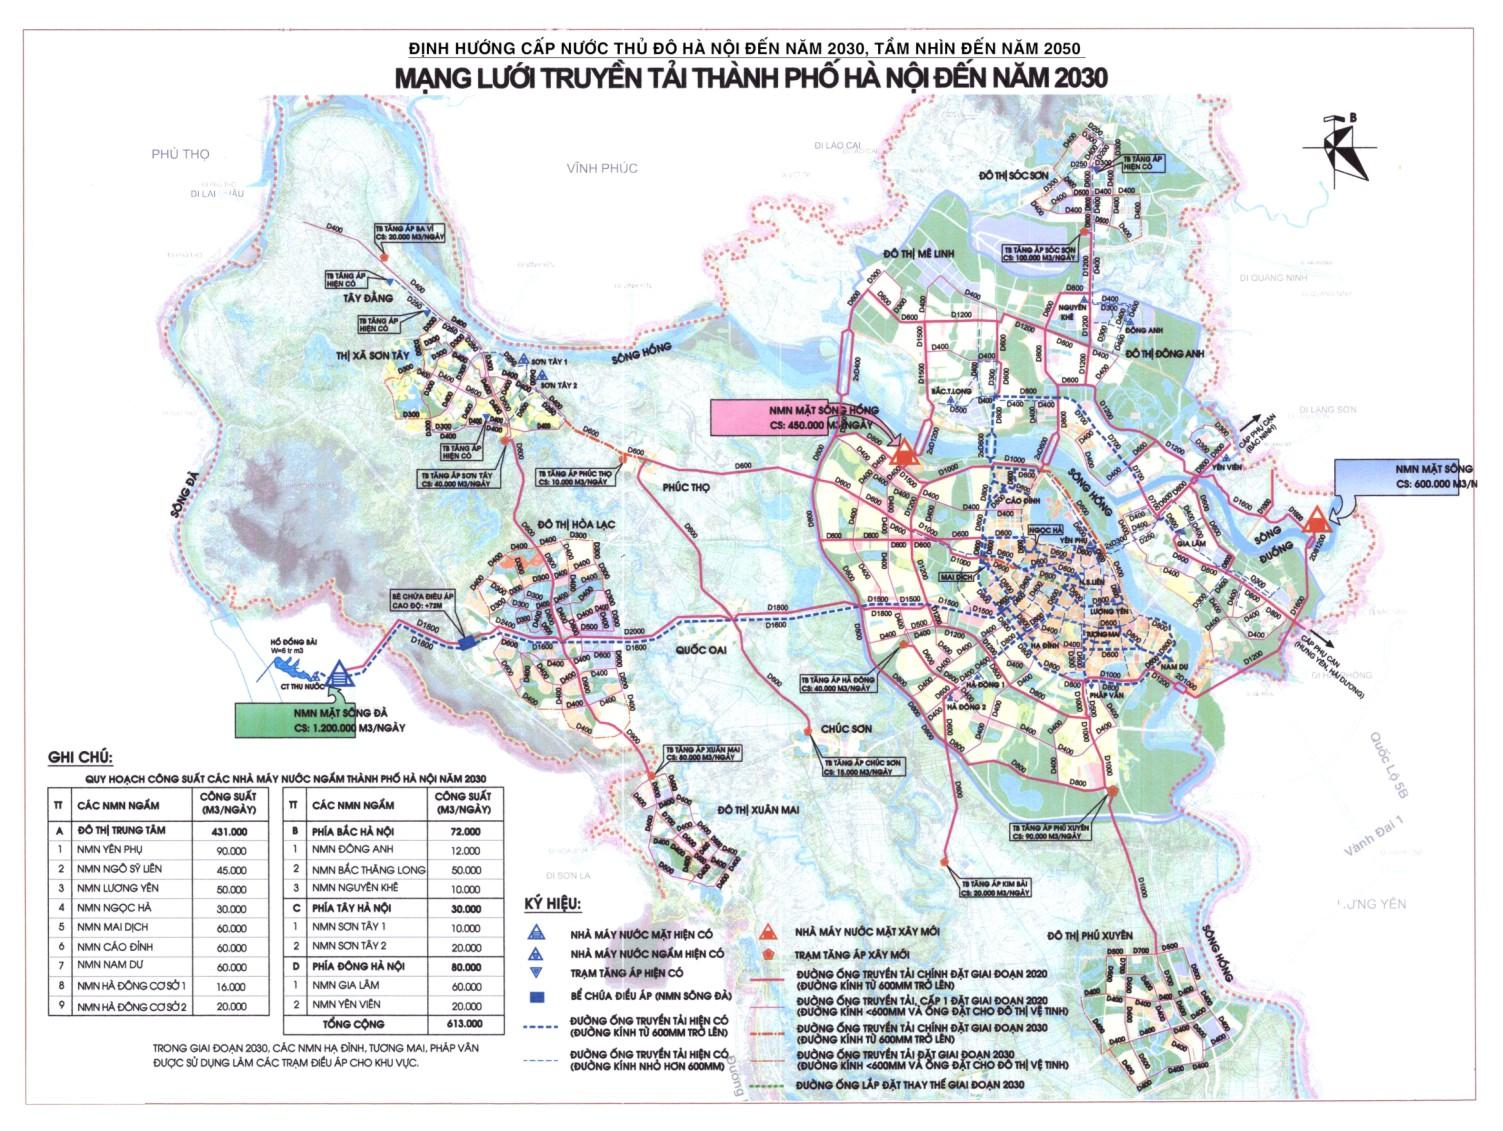 Định hướng cấp nước Thủ đô Hà Nội đến năm 2030 tầm nhìn đến năm 2050